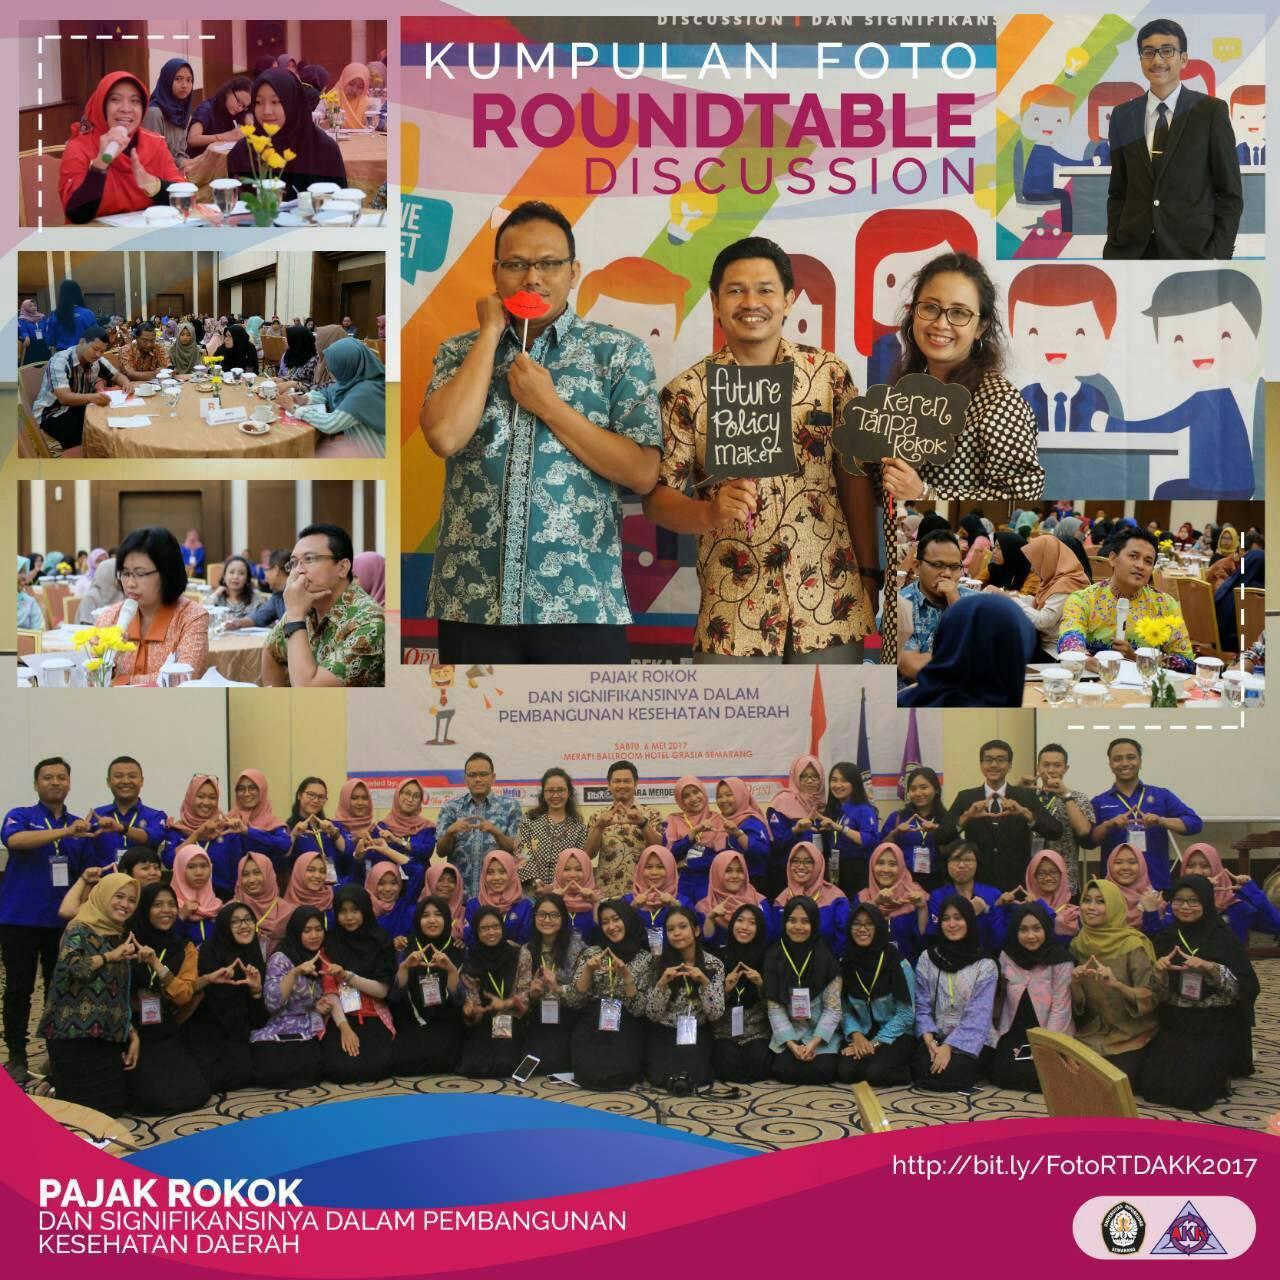 Tentang Fkm Undip Peminatan Administrasi Dan Kebijakan Kesehatan A Lifelong Journey By Lulu Khodijah